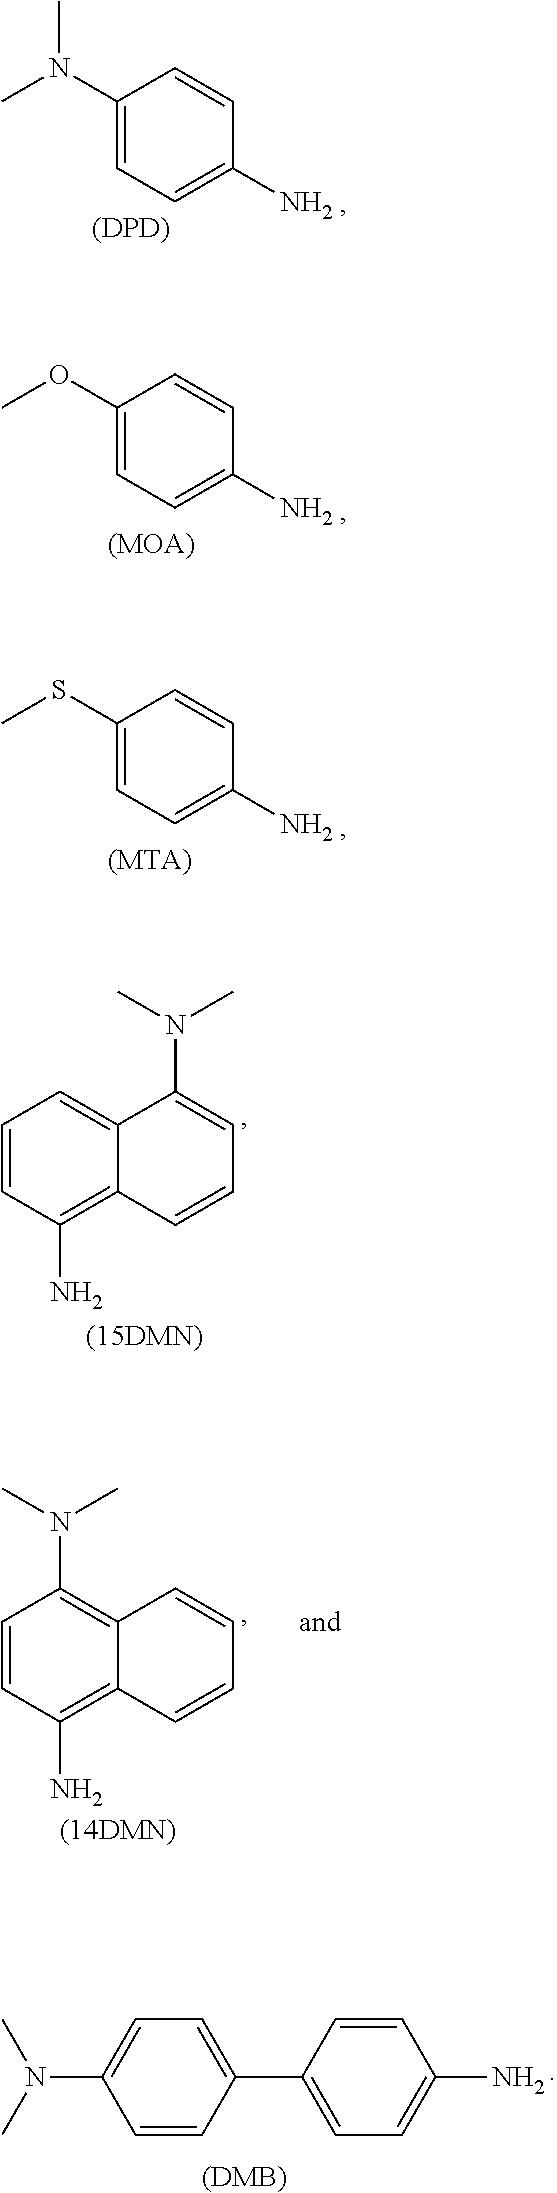 Figure US09931409-20180403-C00018